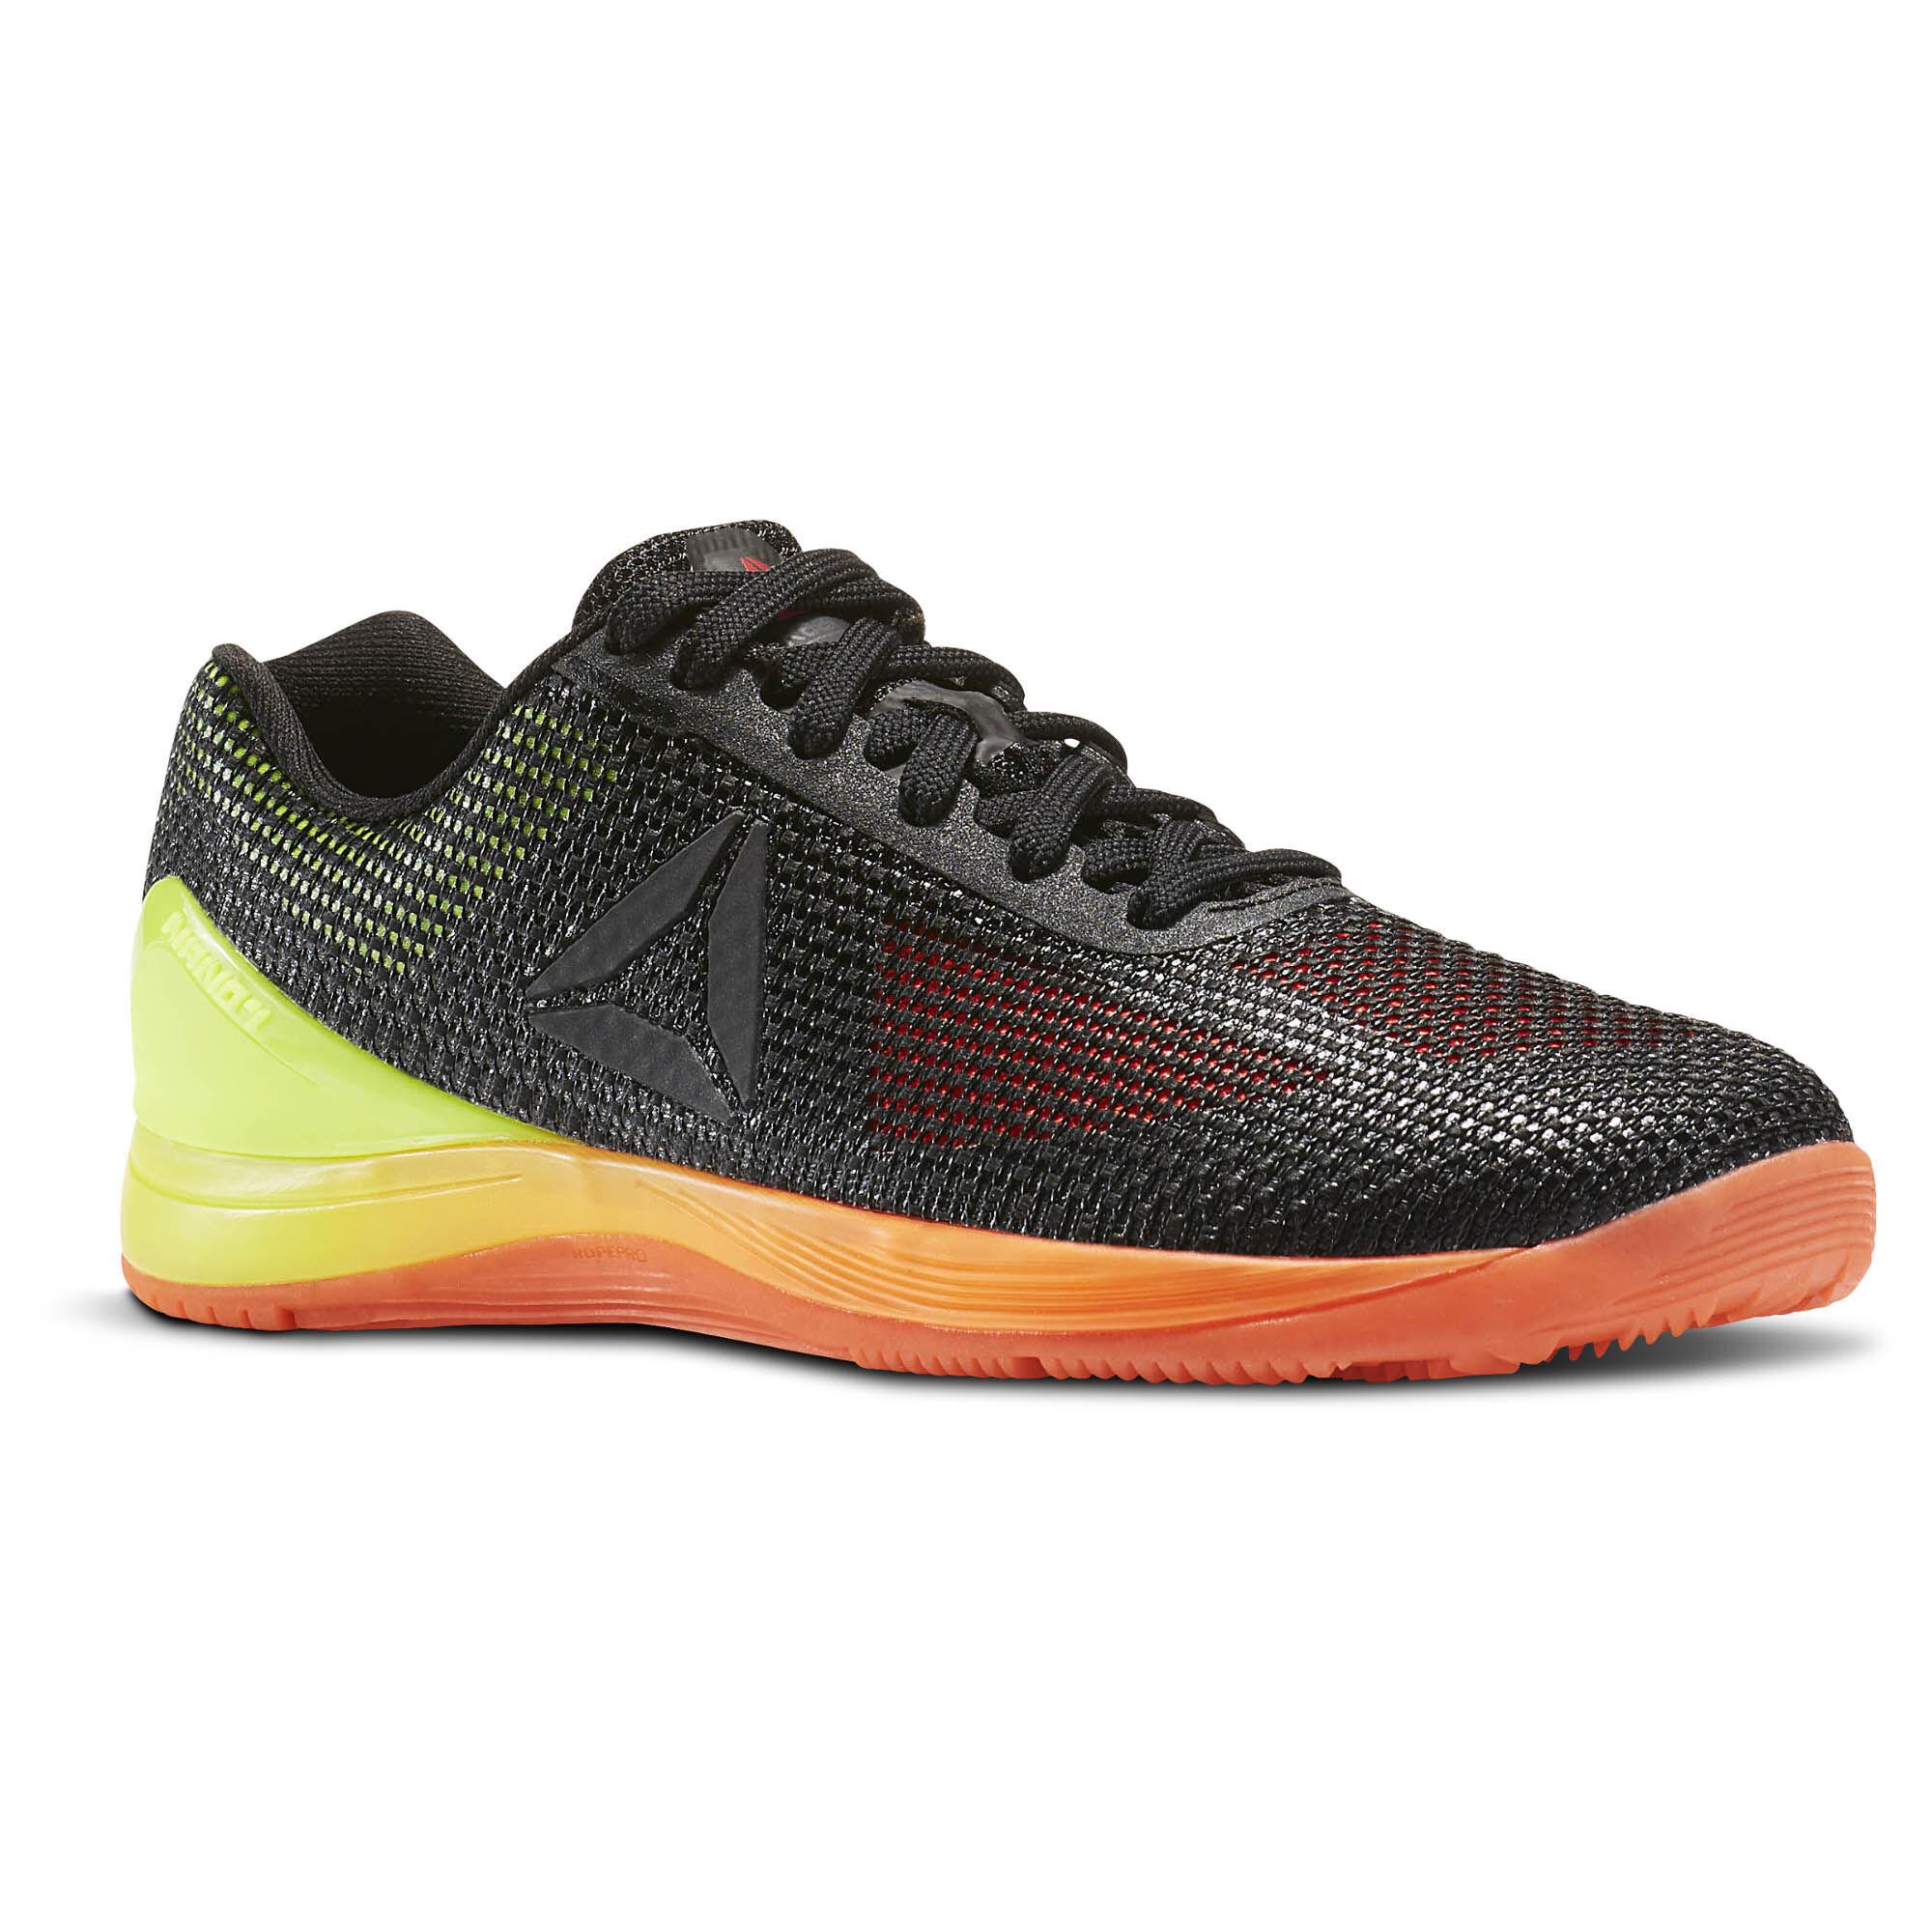 Best Ctossfit Shoes